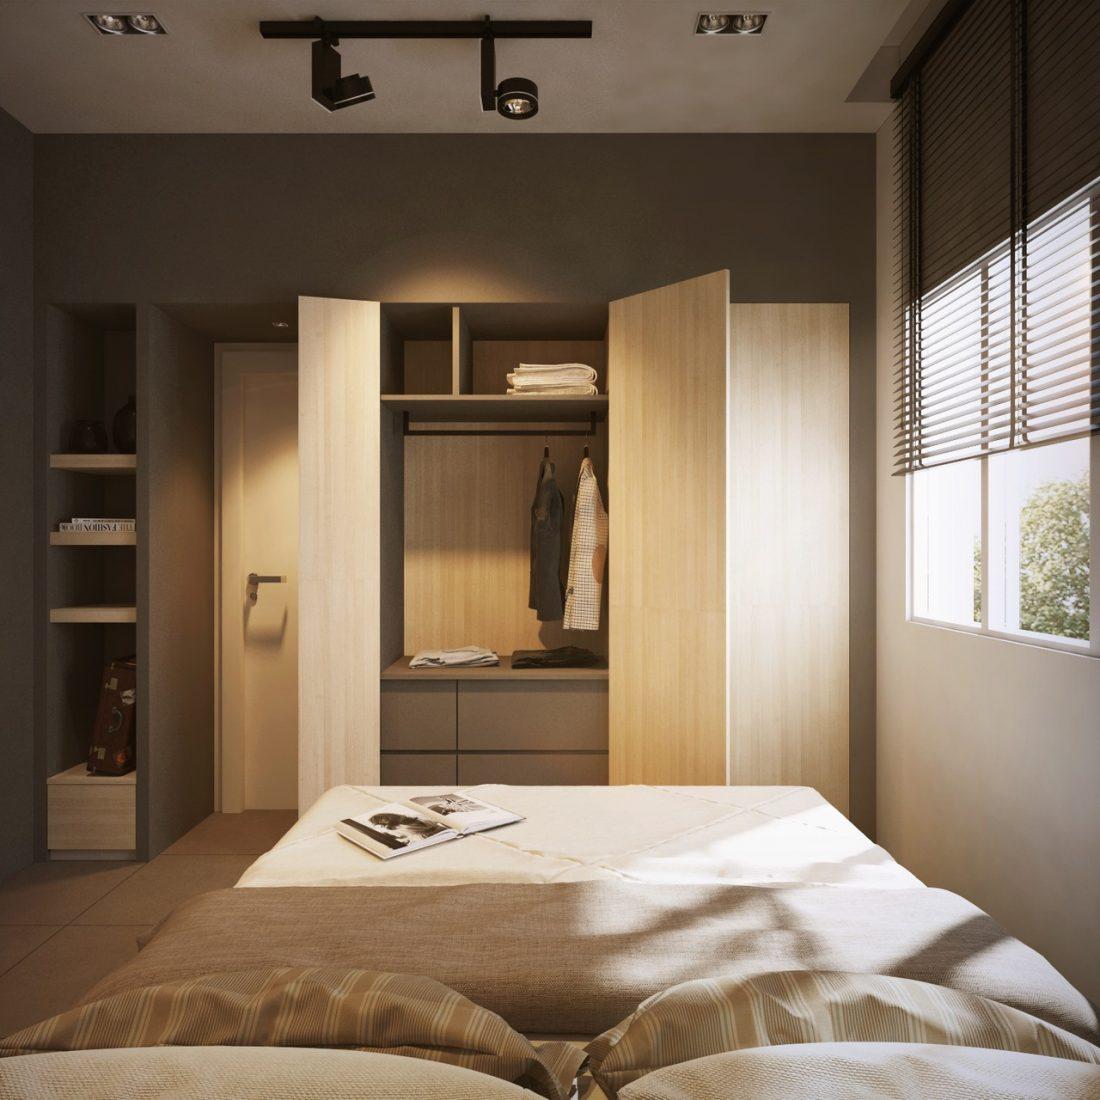 Interior Design SA65 Simpang Ampat Penang Malaysia Bedroom Design 2 v1